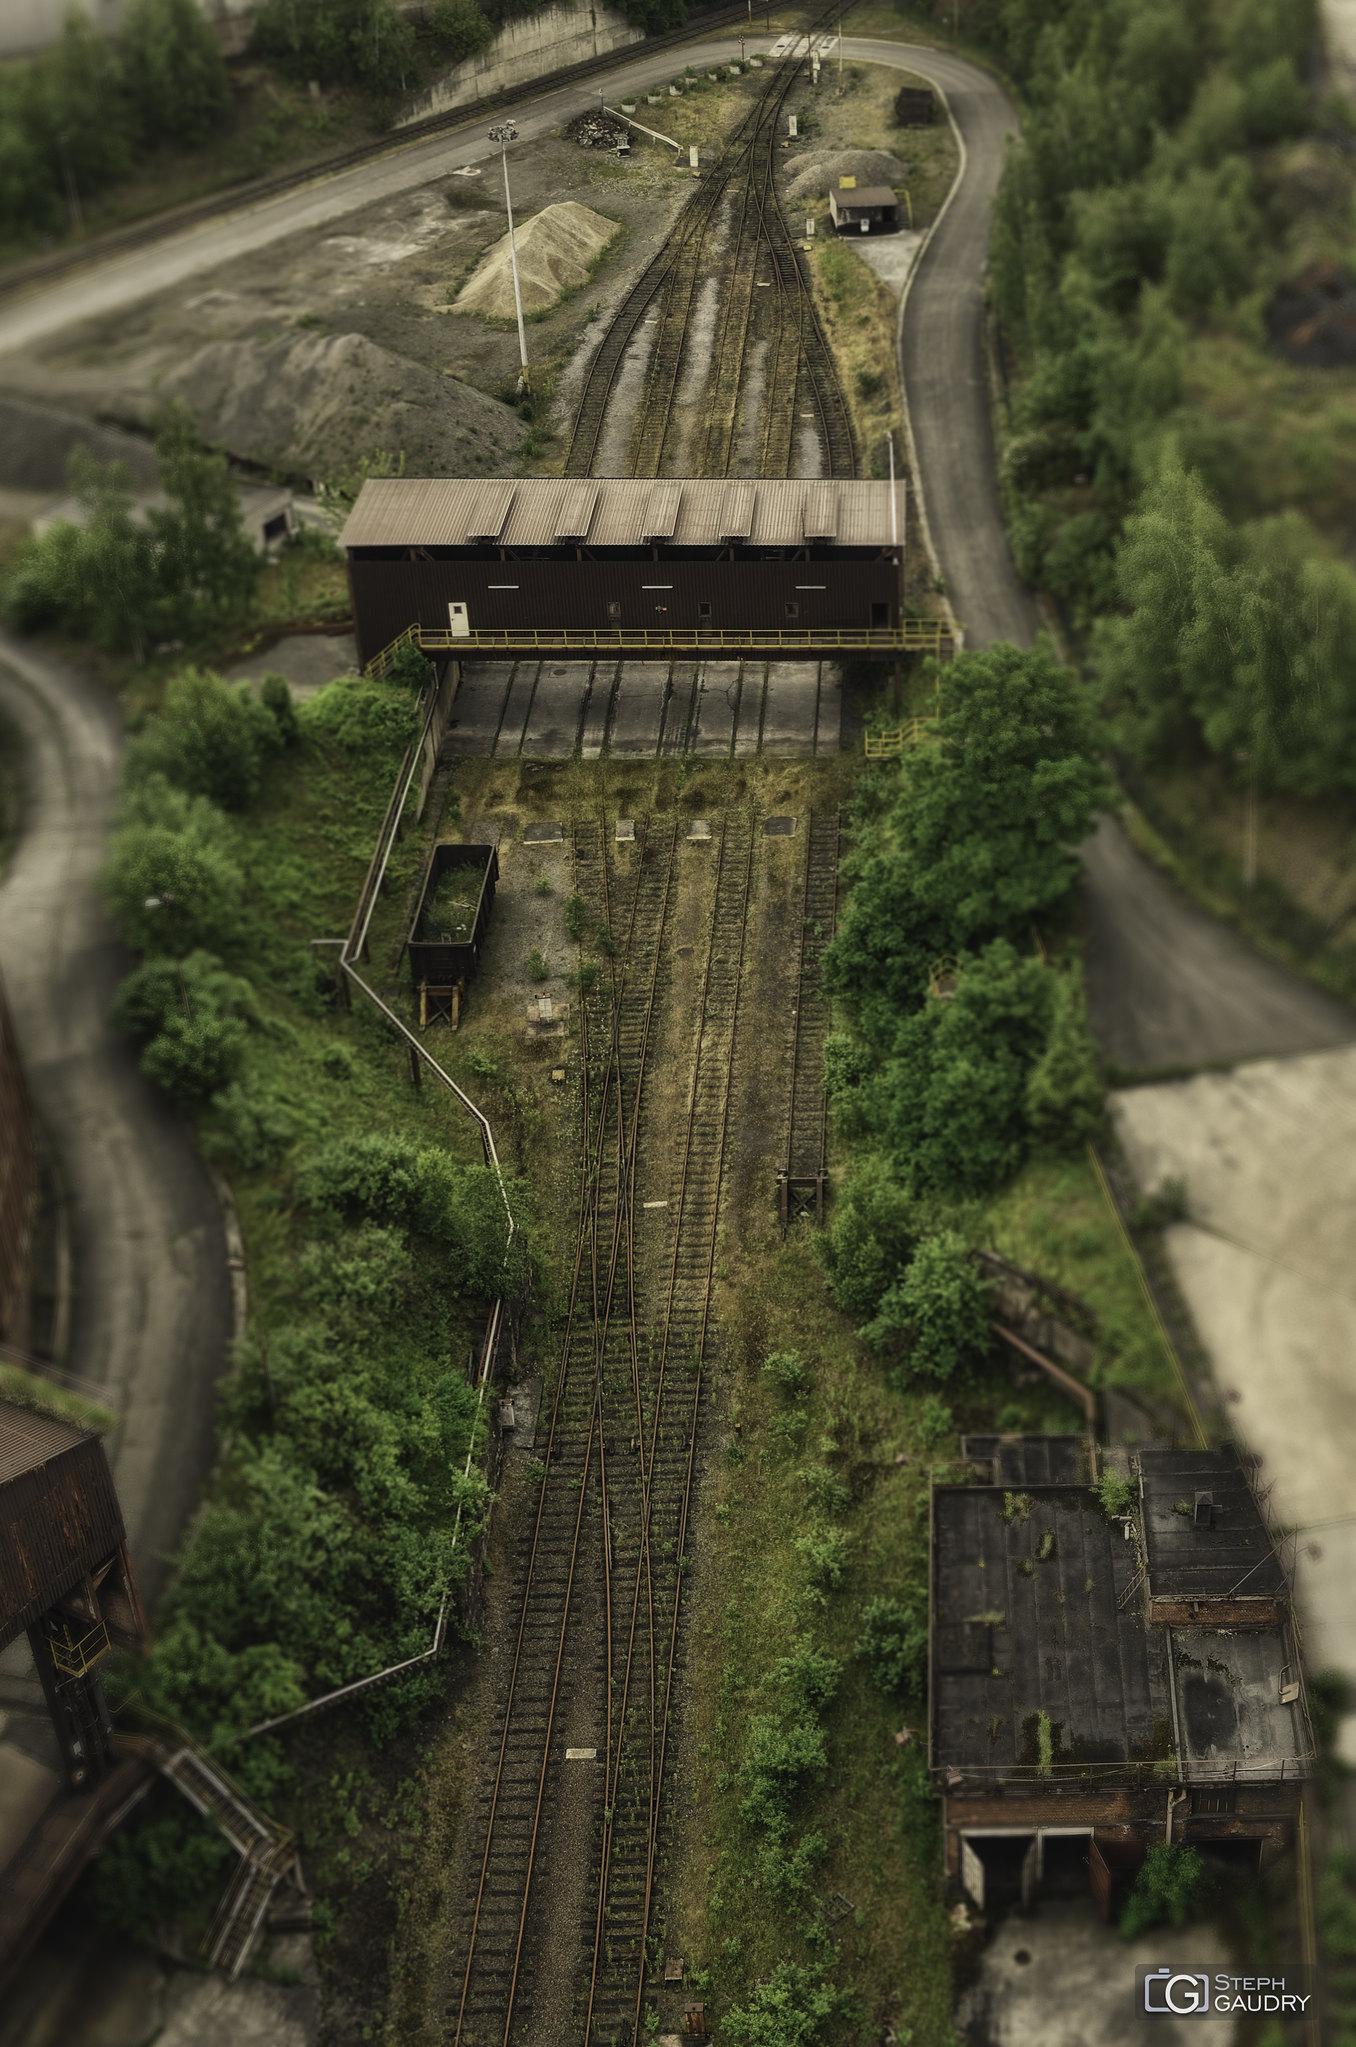 Blast furnace tilt shift - rails